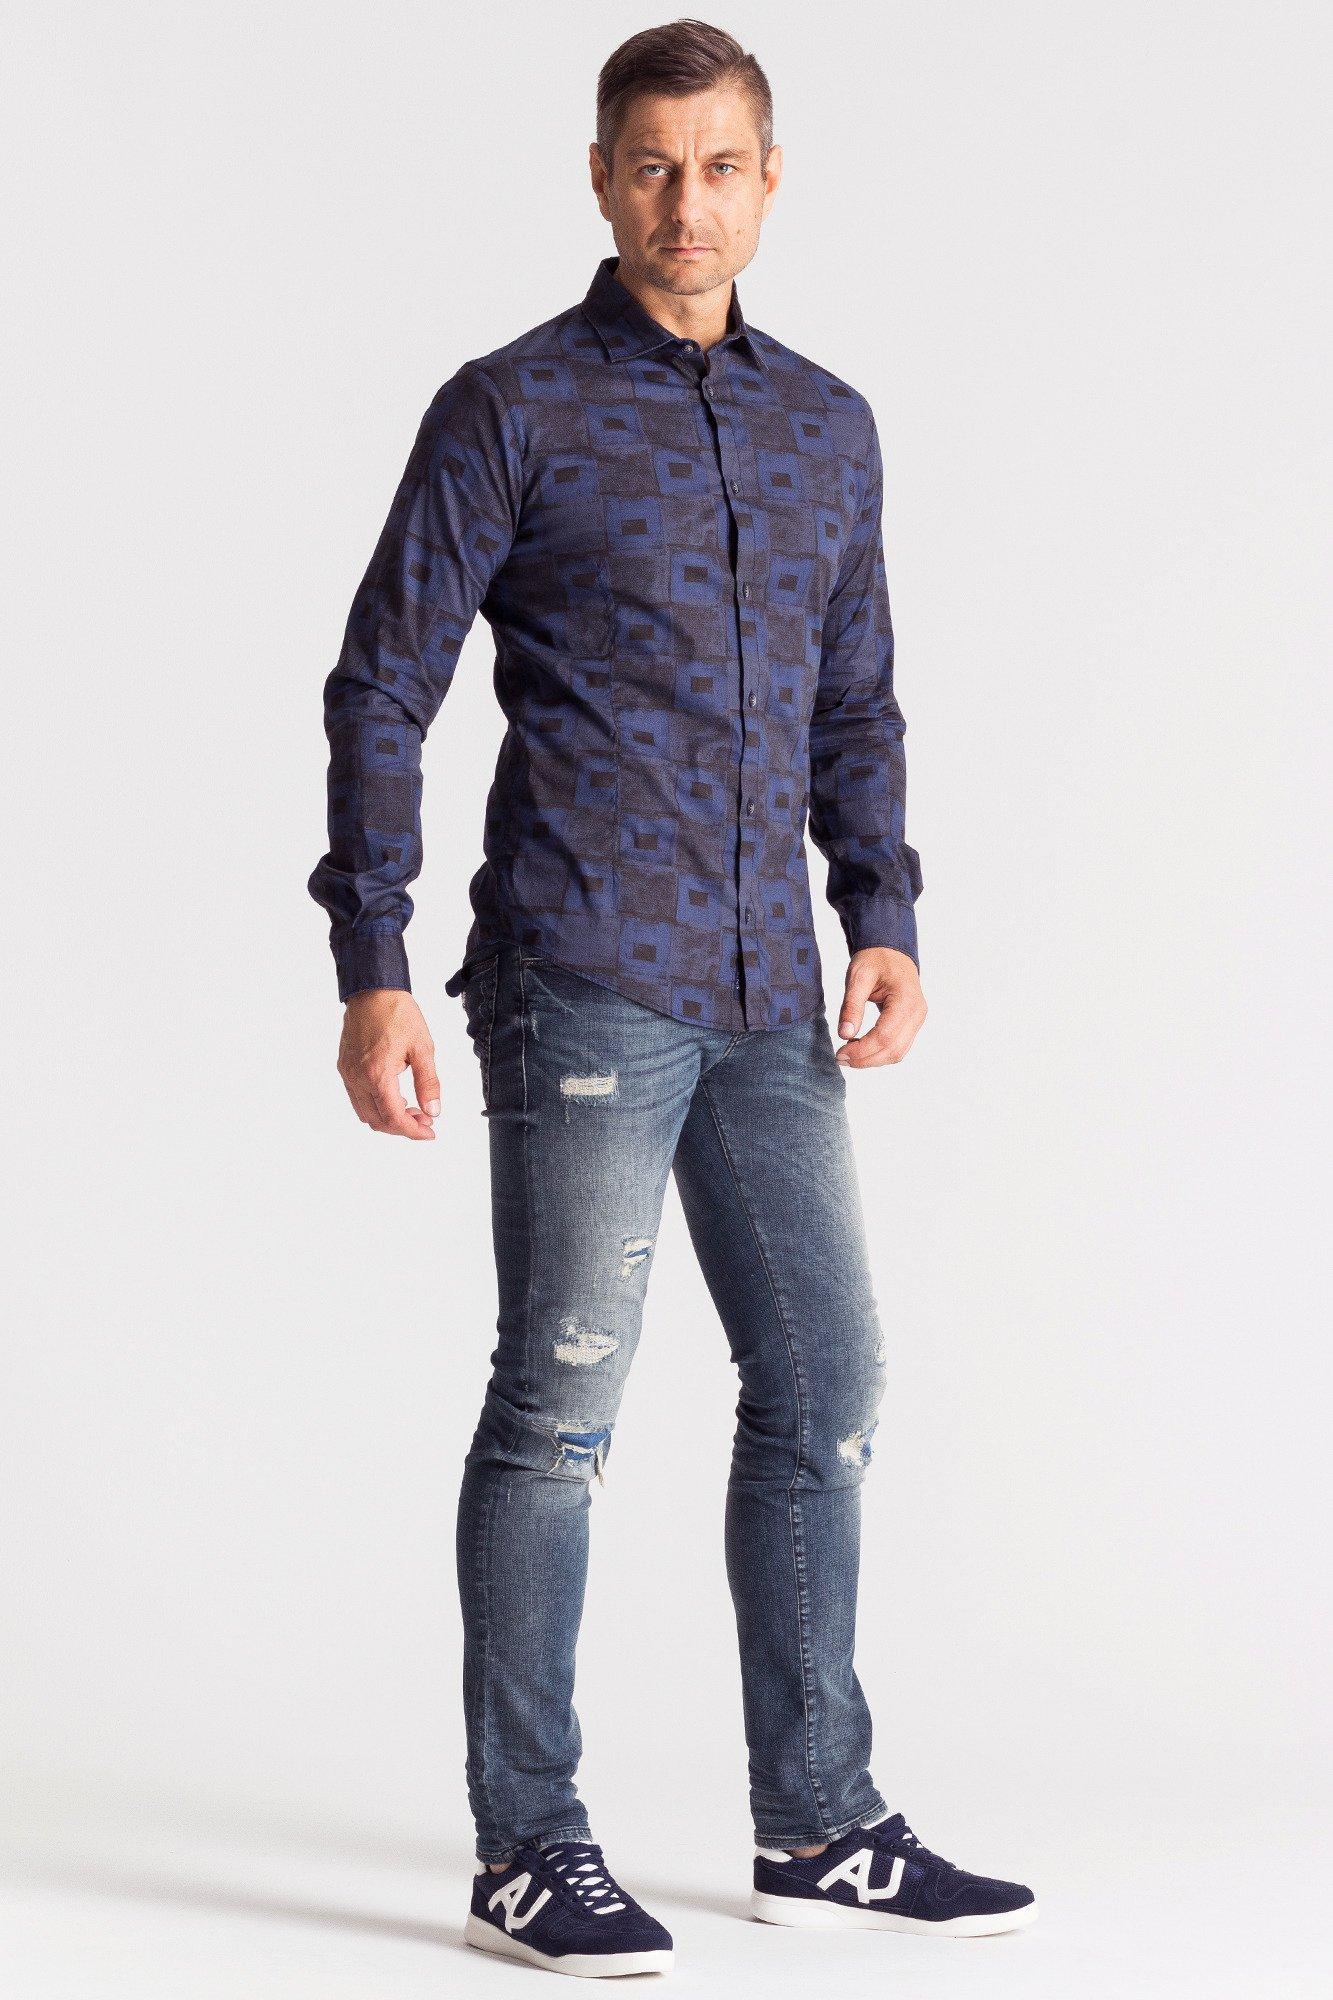 866436684 Bawełniana koszula męska ze wzorem szachownicy   Markowa odzież w ...